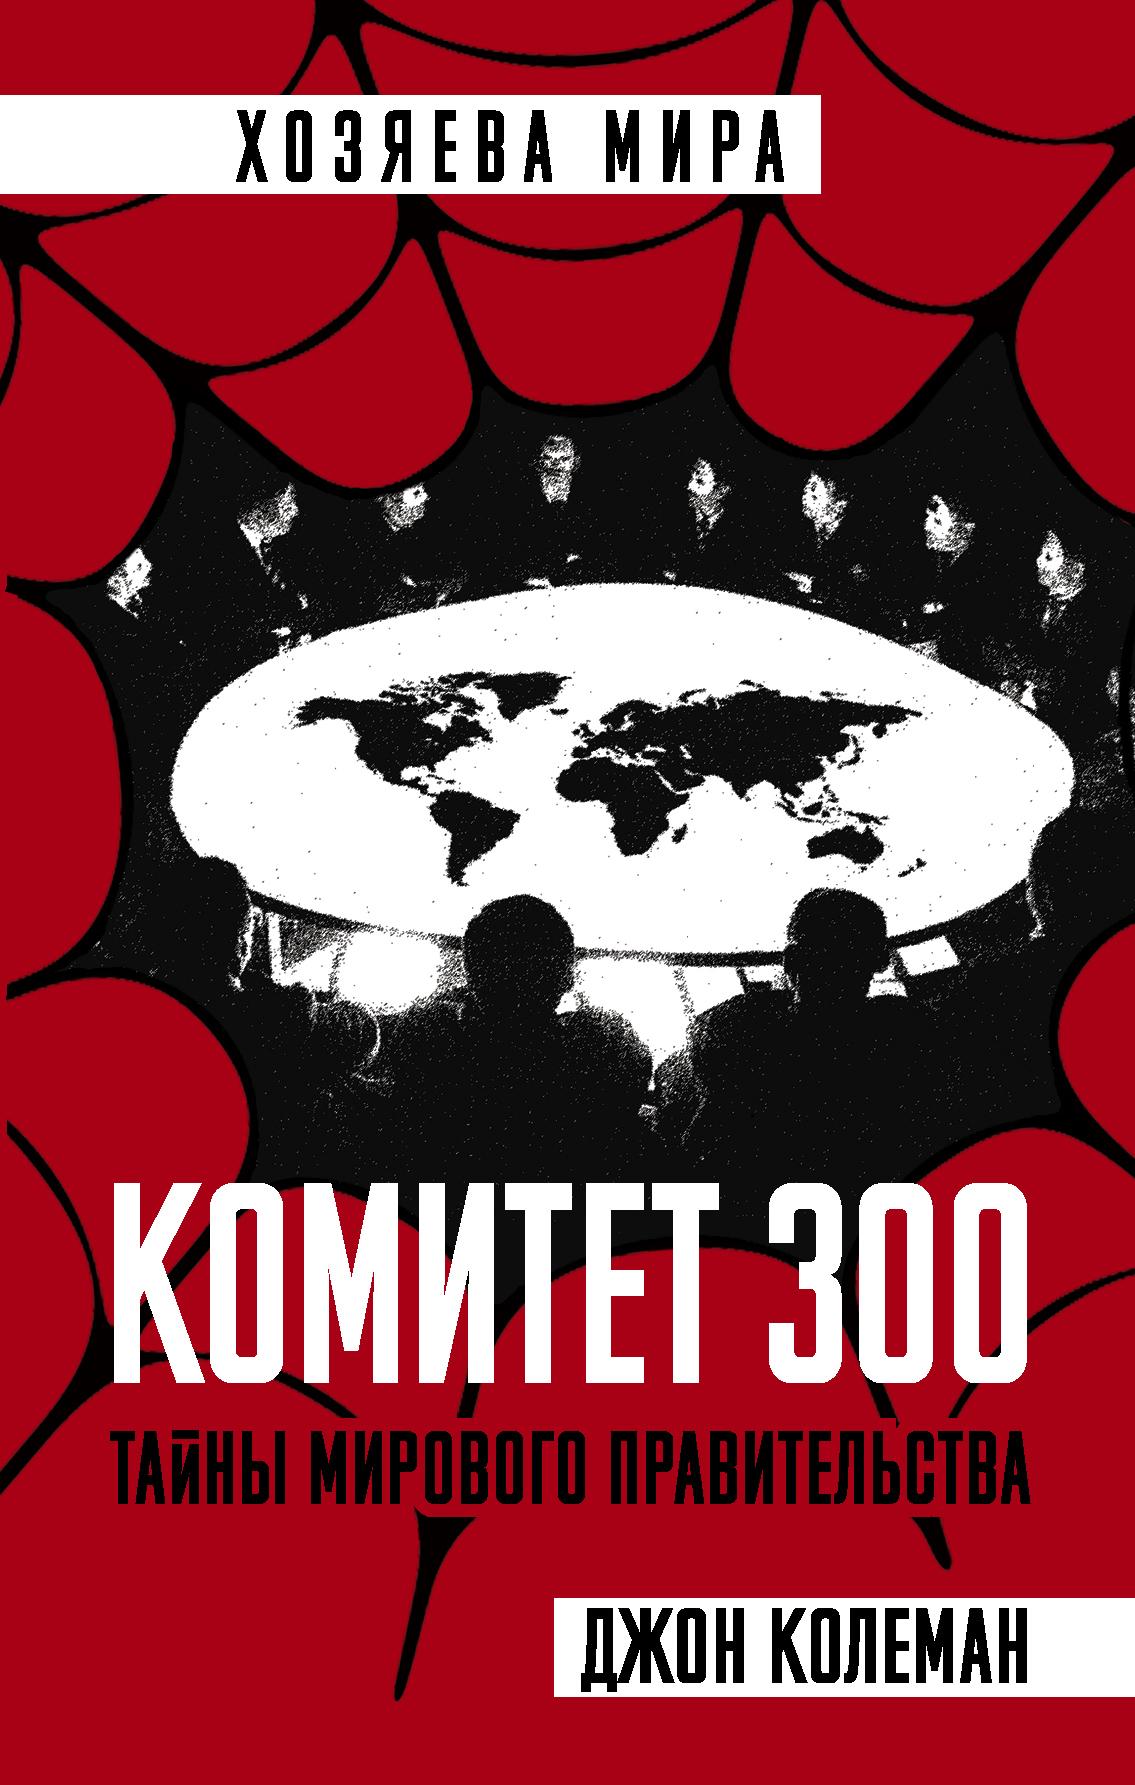 Комитет 300 развивается неторопливо и уверенно